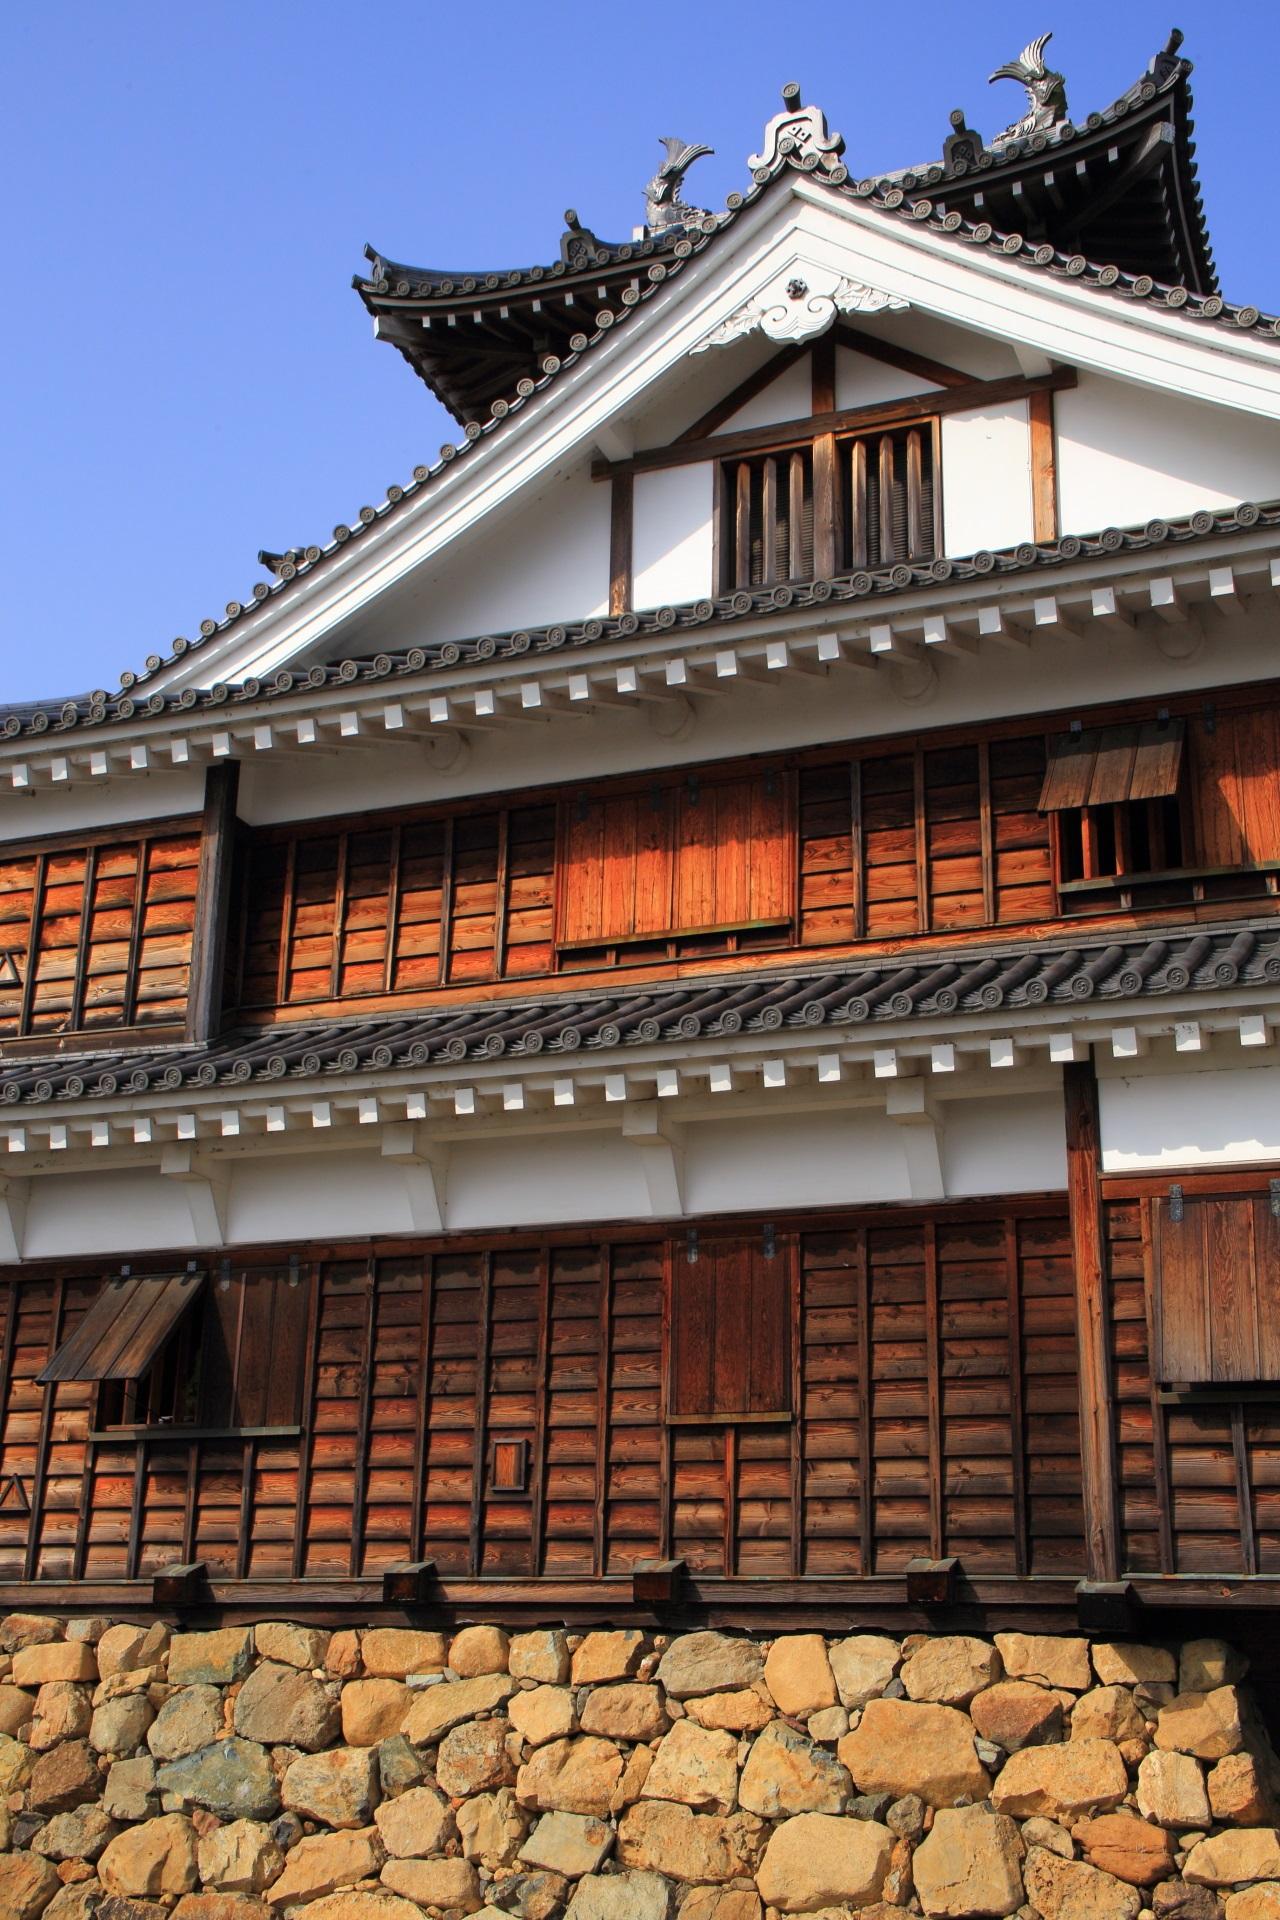 郷土資料館として公開されている福知山城の天守閣内部